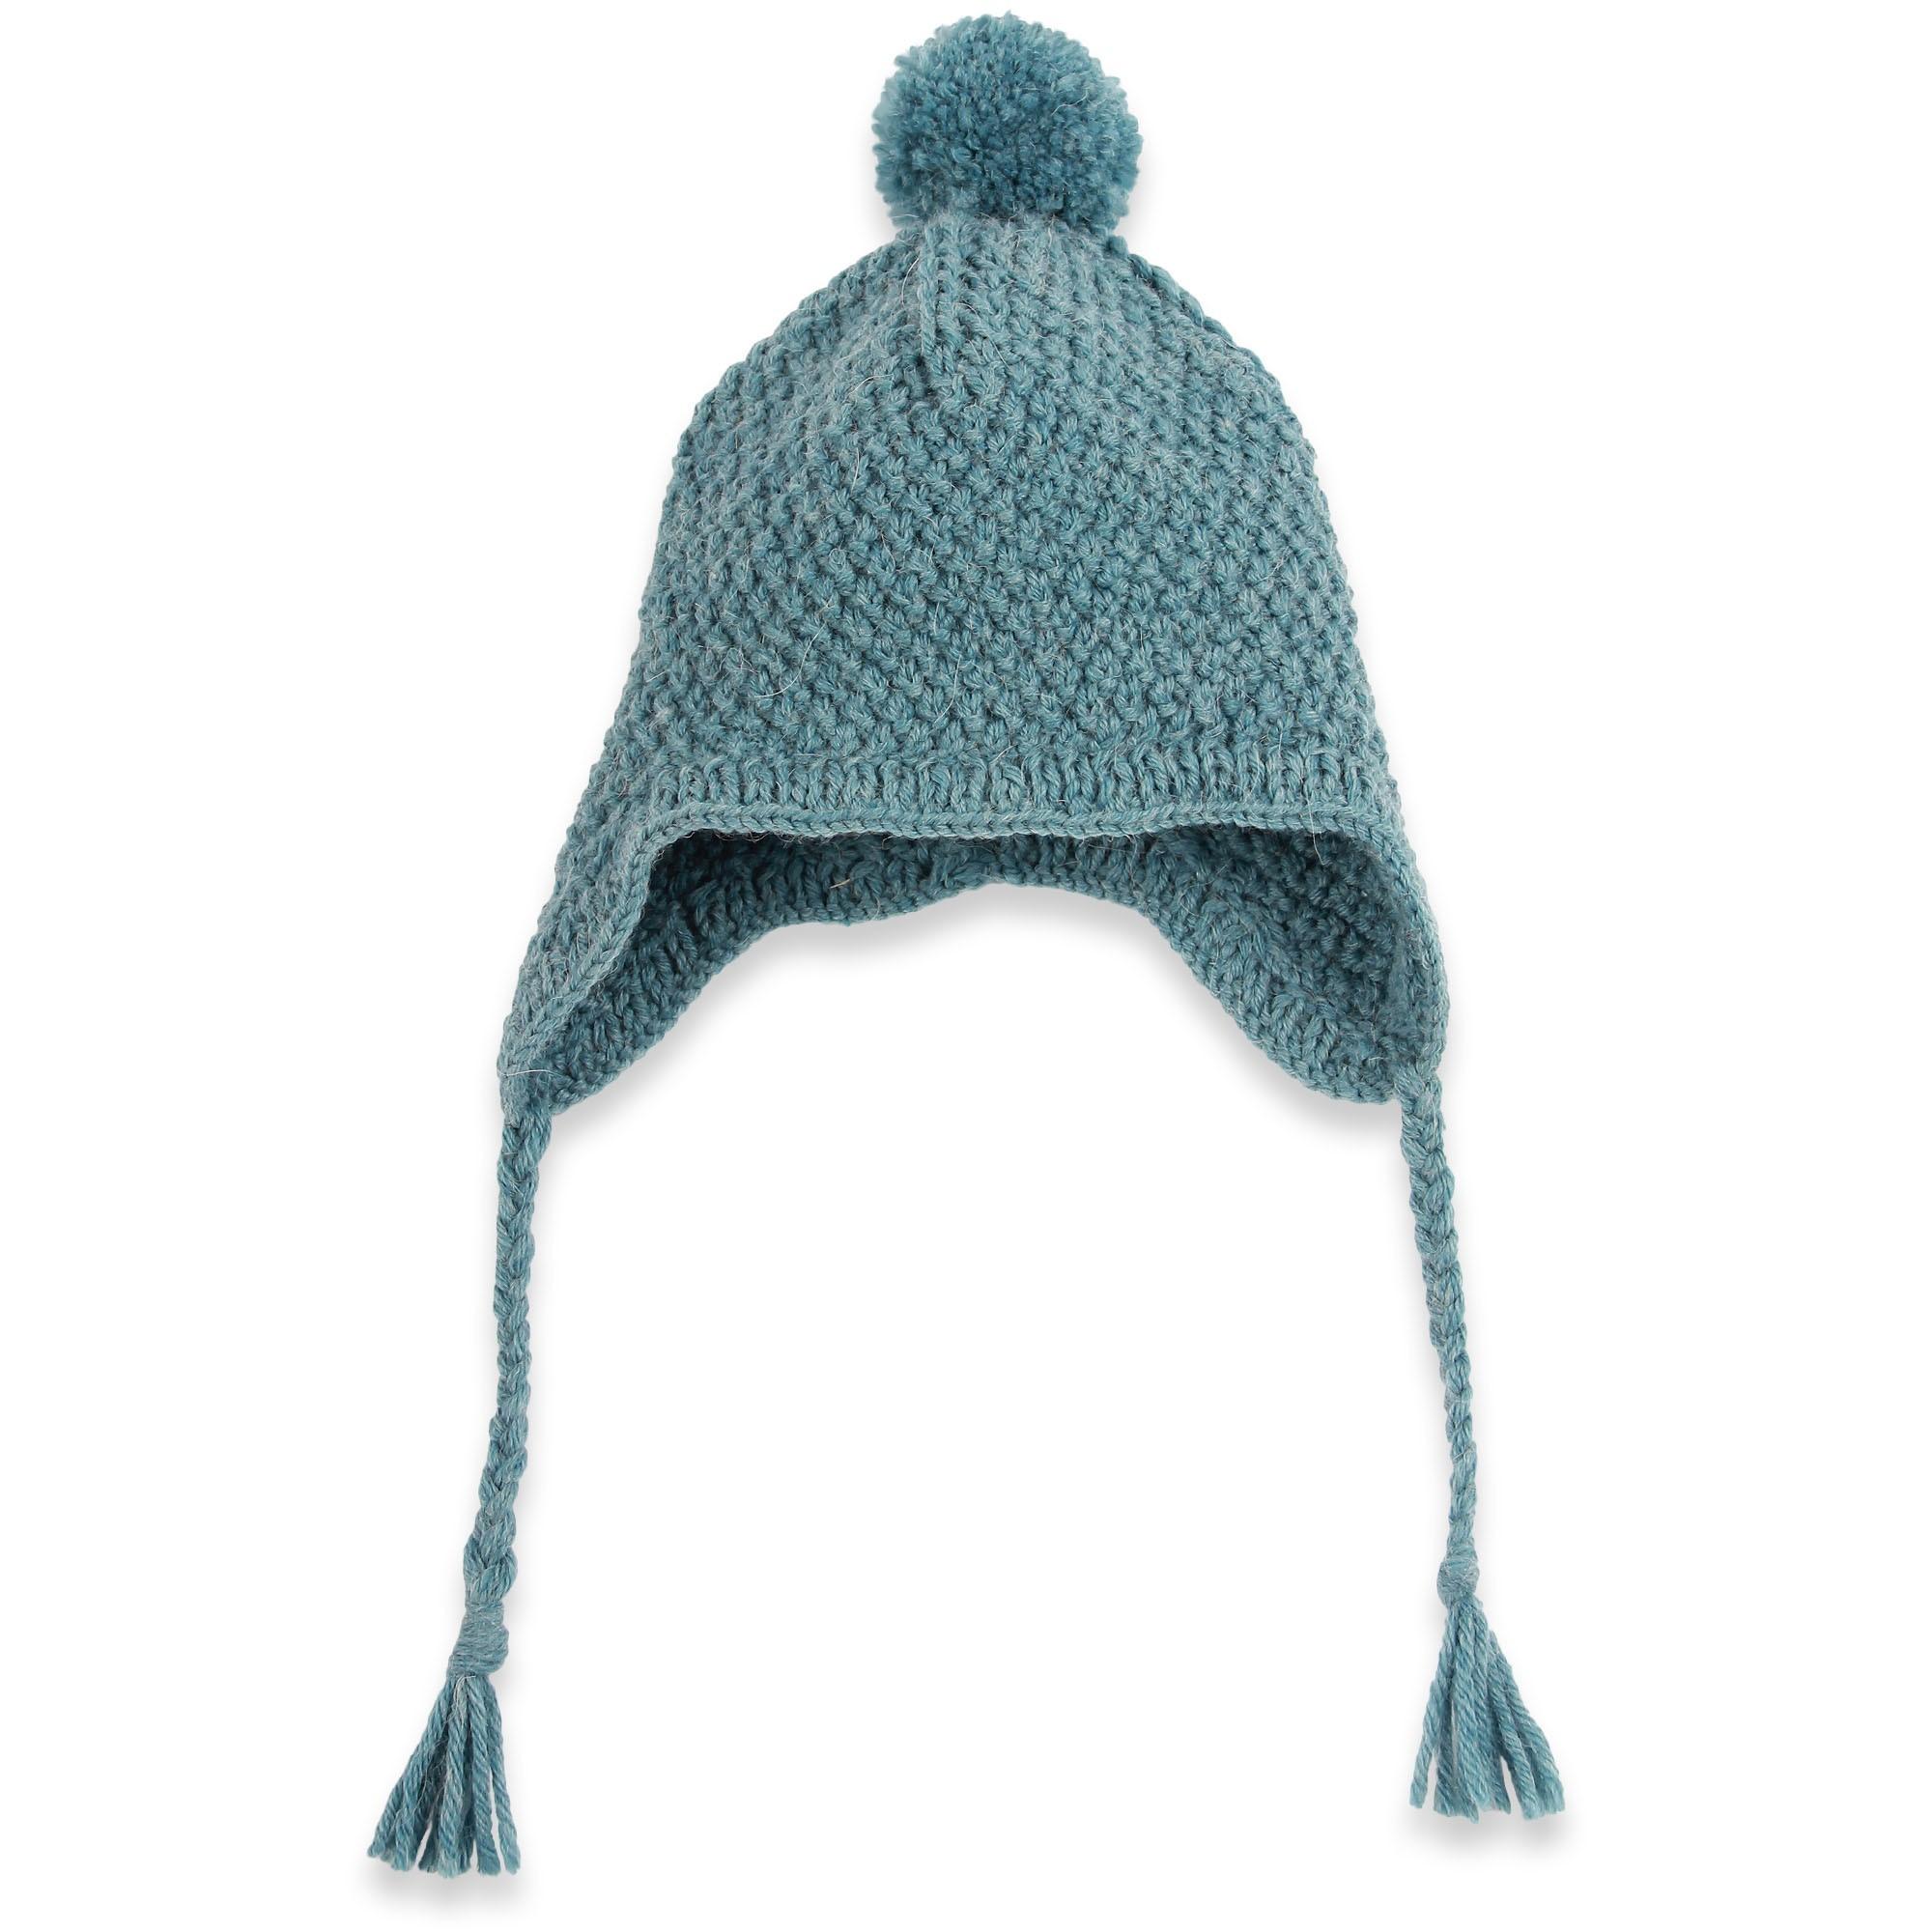 d803154d69 Bonnet bébé bleu pétrole type péruvien en laine et alpaga tricoté au point  de blé ...